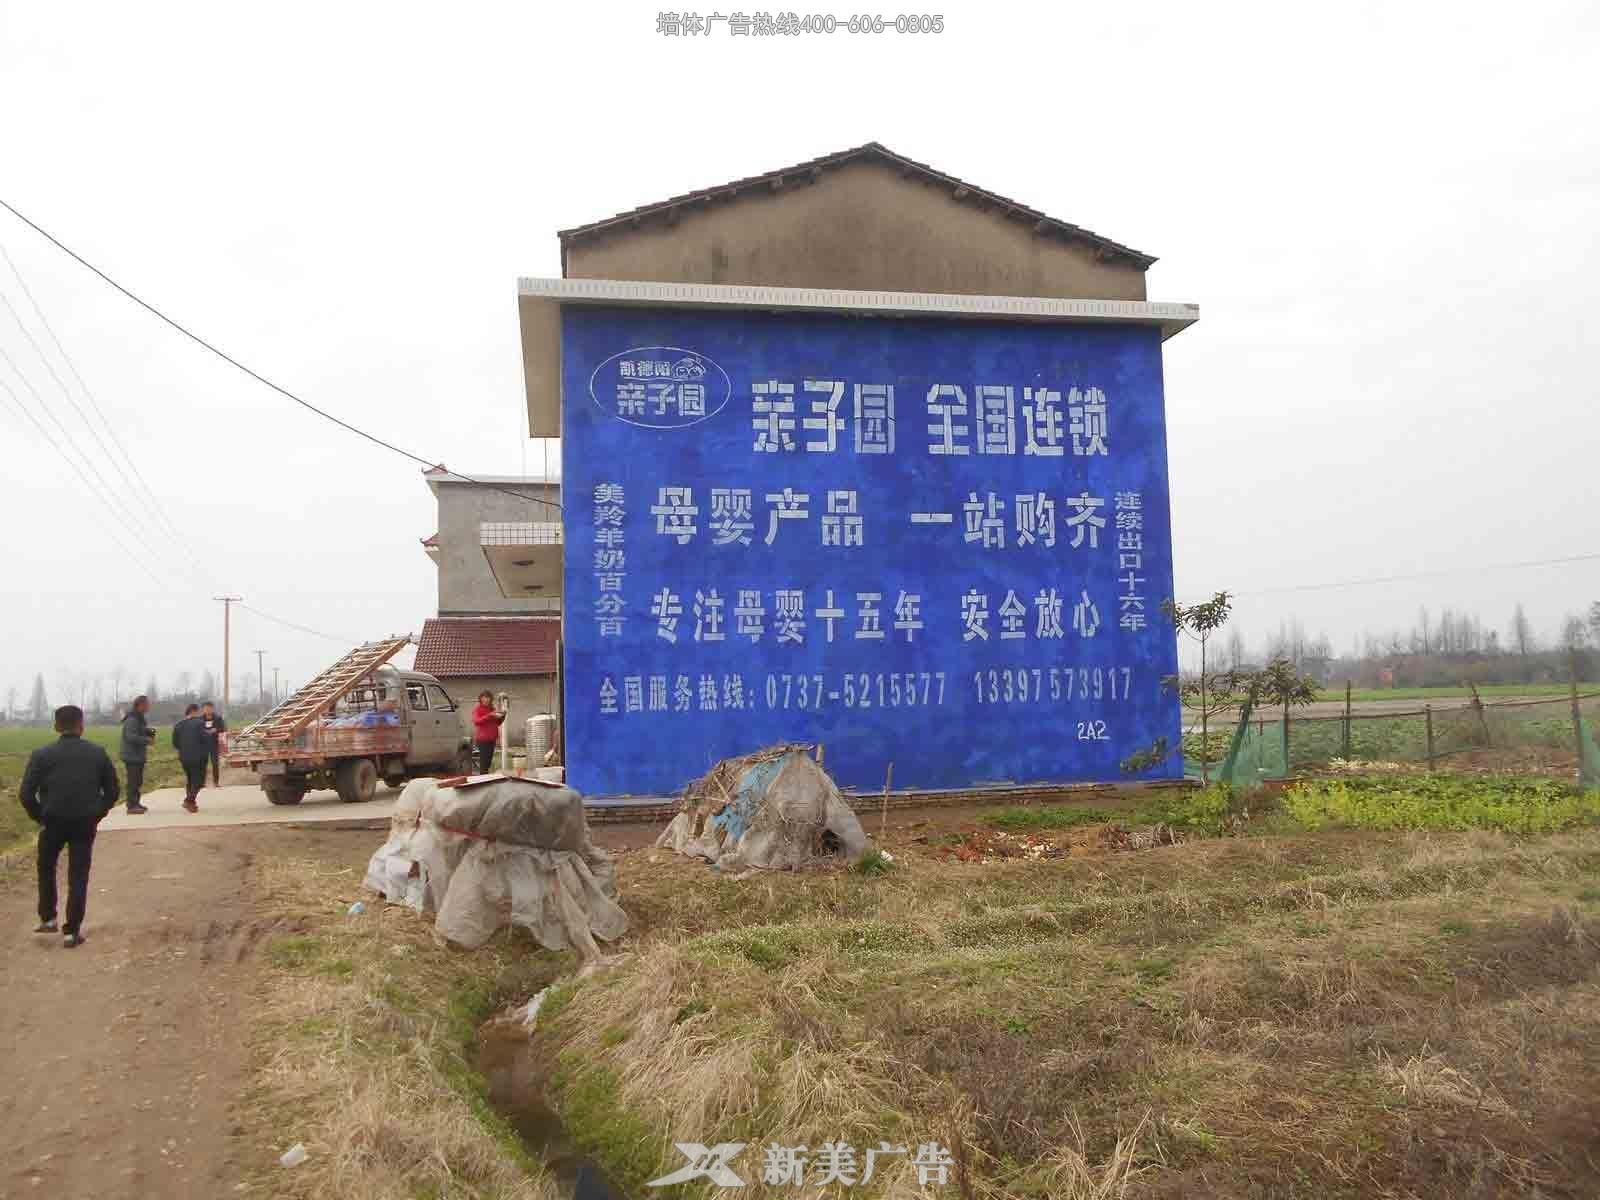 南县亲子园足球威廉希尔公司广告